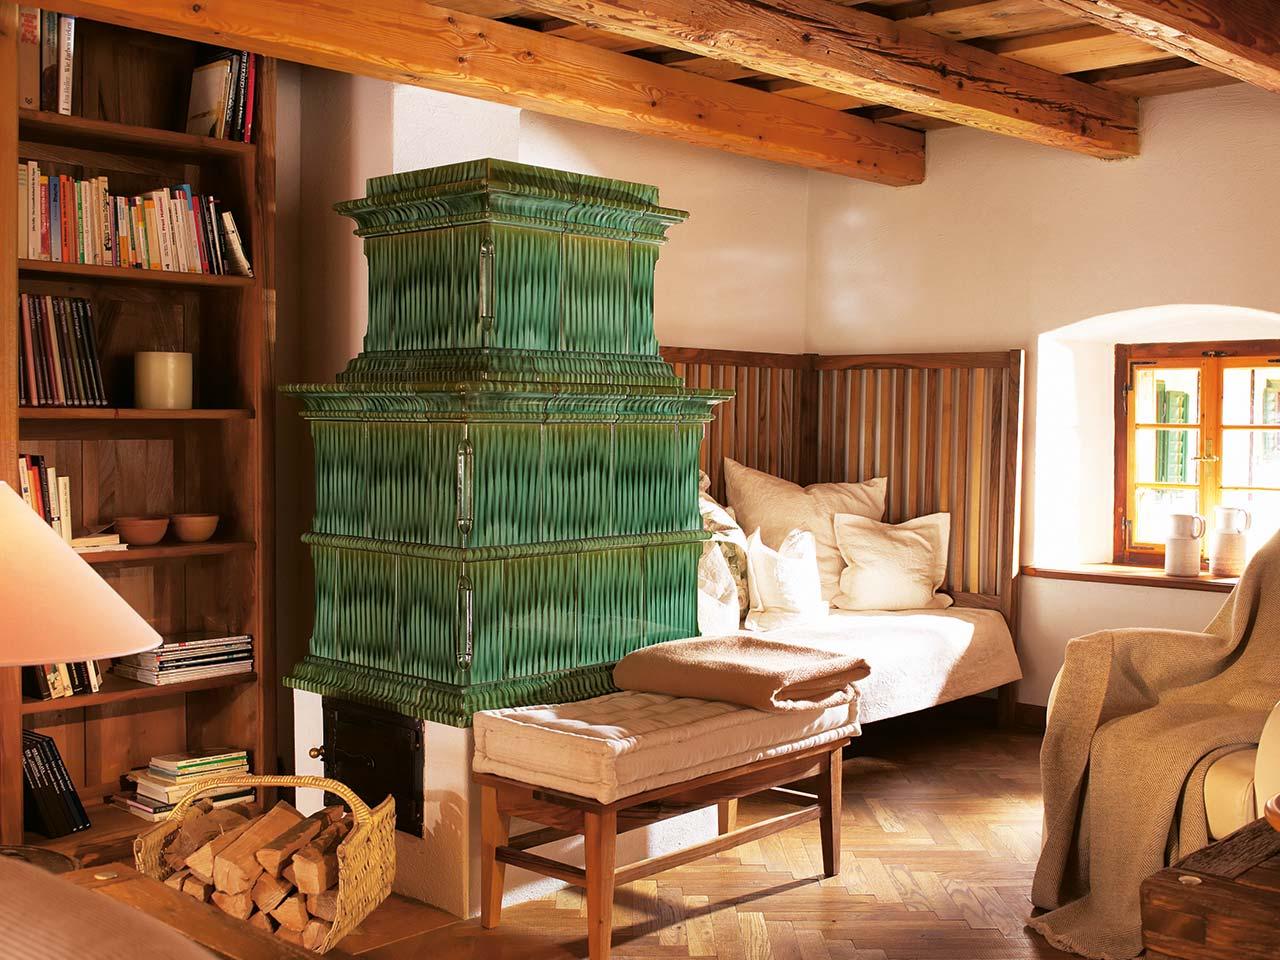 Klassischer Kachelofen mit gepolsterter Landhaus Sitzbank und grünen Kacheln. Foto: Sommerhuber